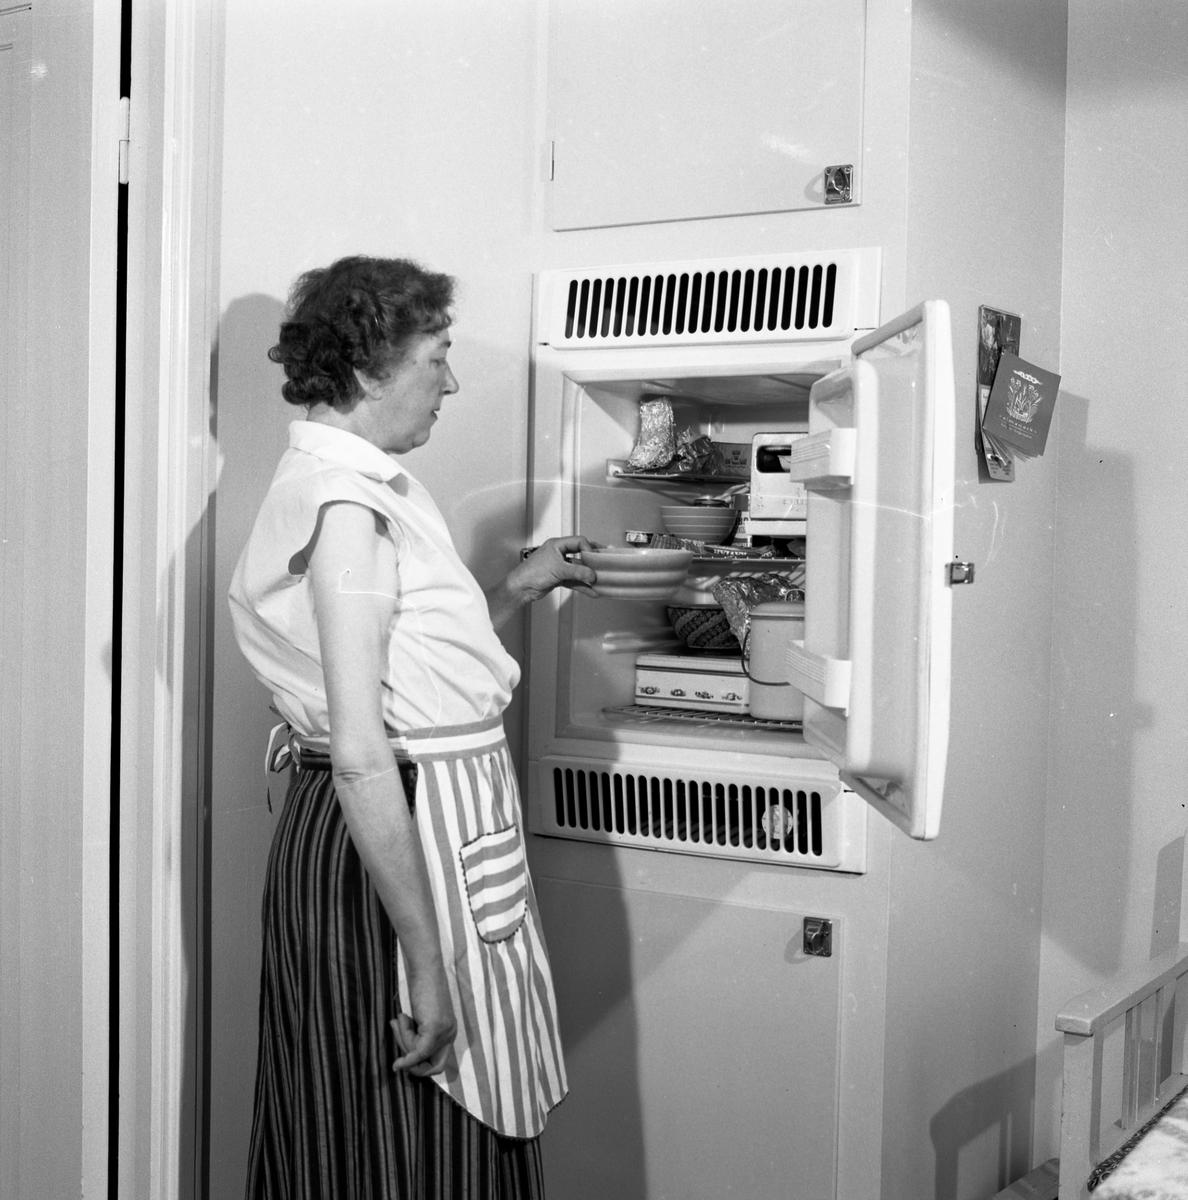 Fru Blomberg, hustru till Jakob Blomberg, på Arboga Mekaniska Verkstad, visar sitt kylskåp. I kylskåpet ses några skålar och en kakburk. En kökssoffa anas till höger. Kvinna, iklädd förkläde, står intill ett kylskåp. AMV